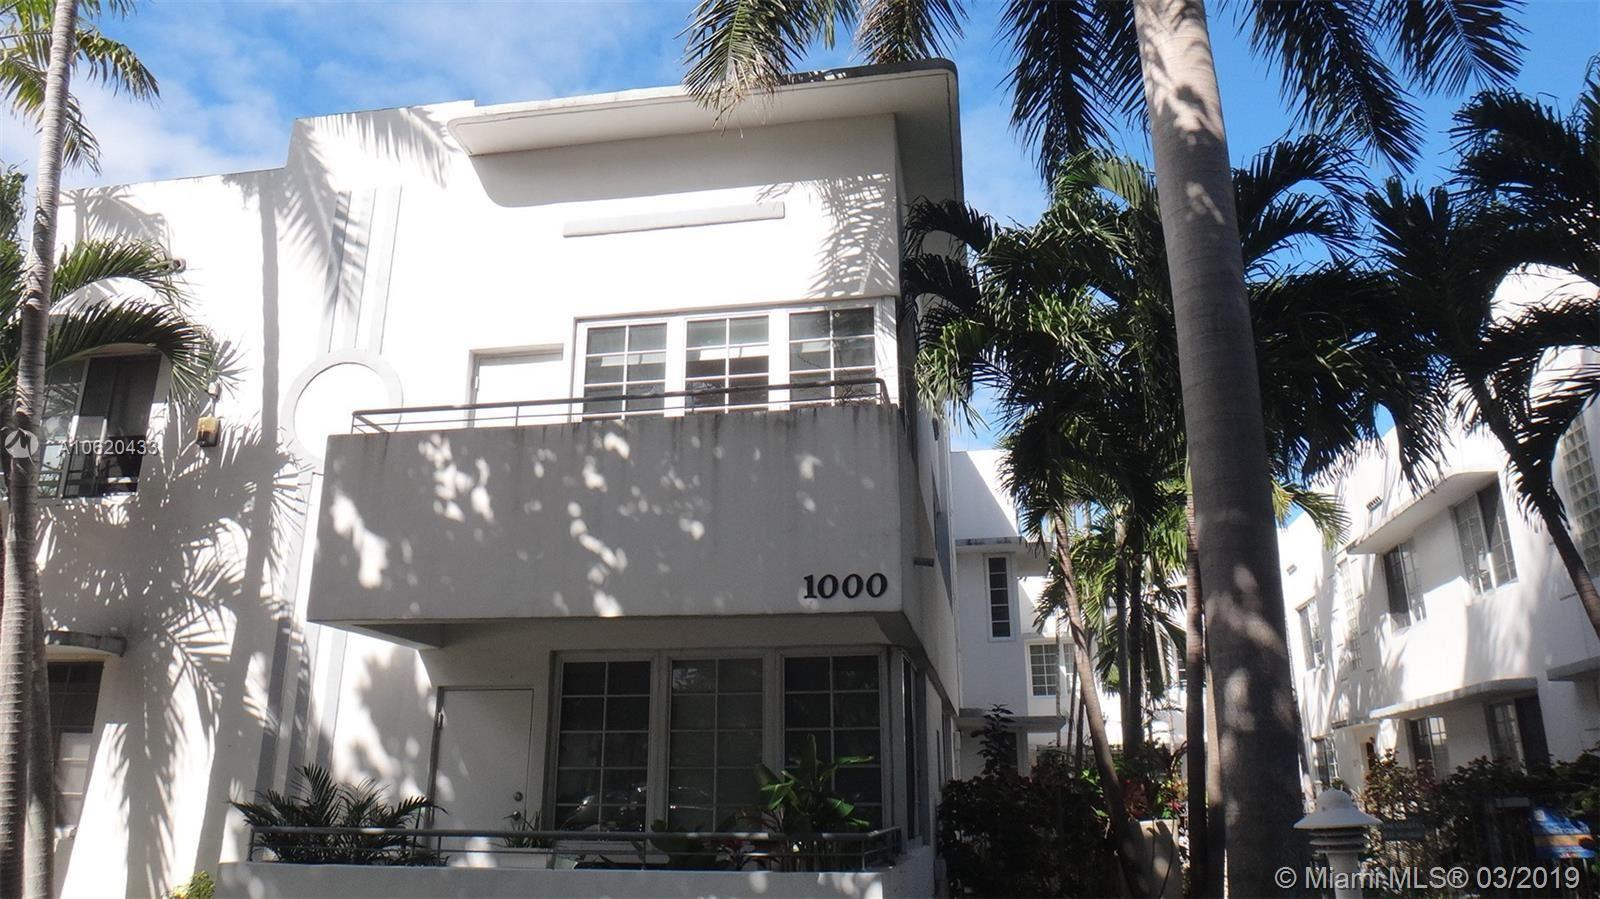 1000 MERIDIAN AV #3, Miami Beach, FL 33139 - #: A10620433